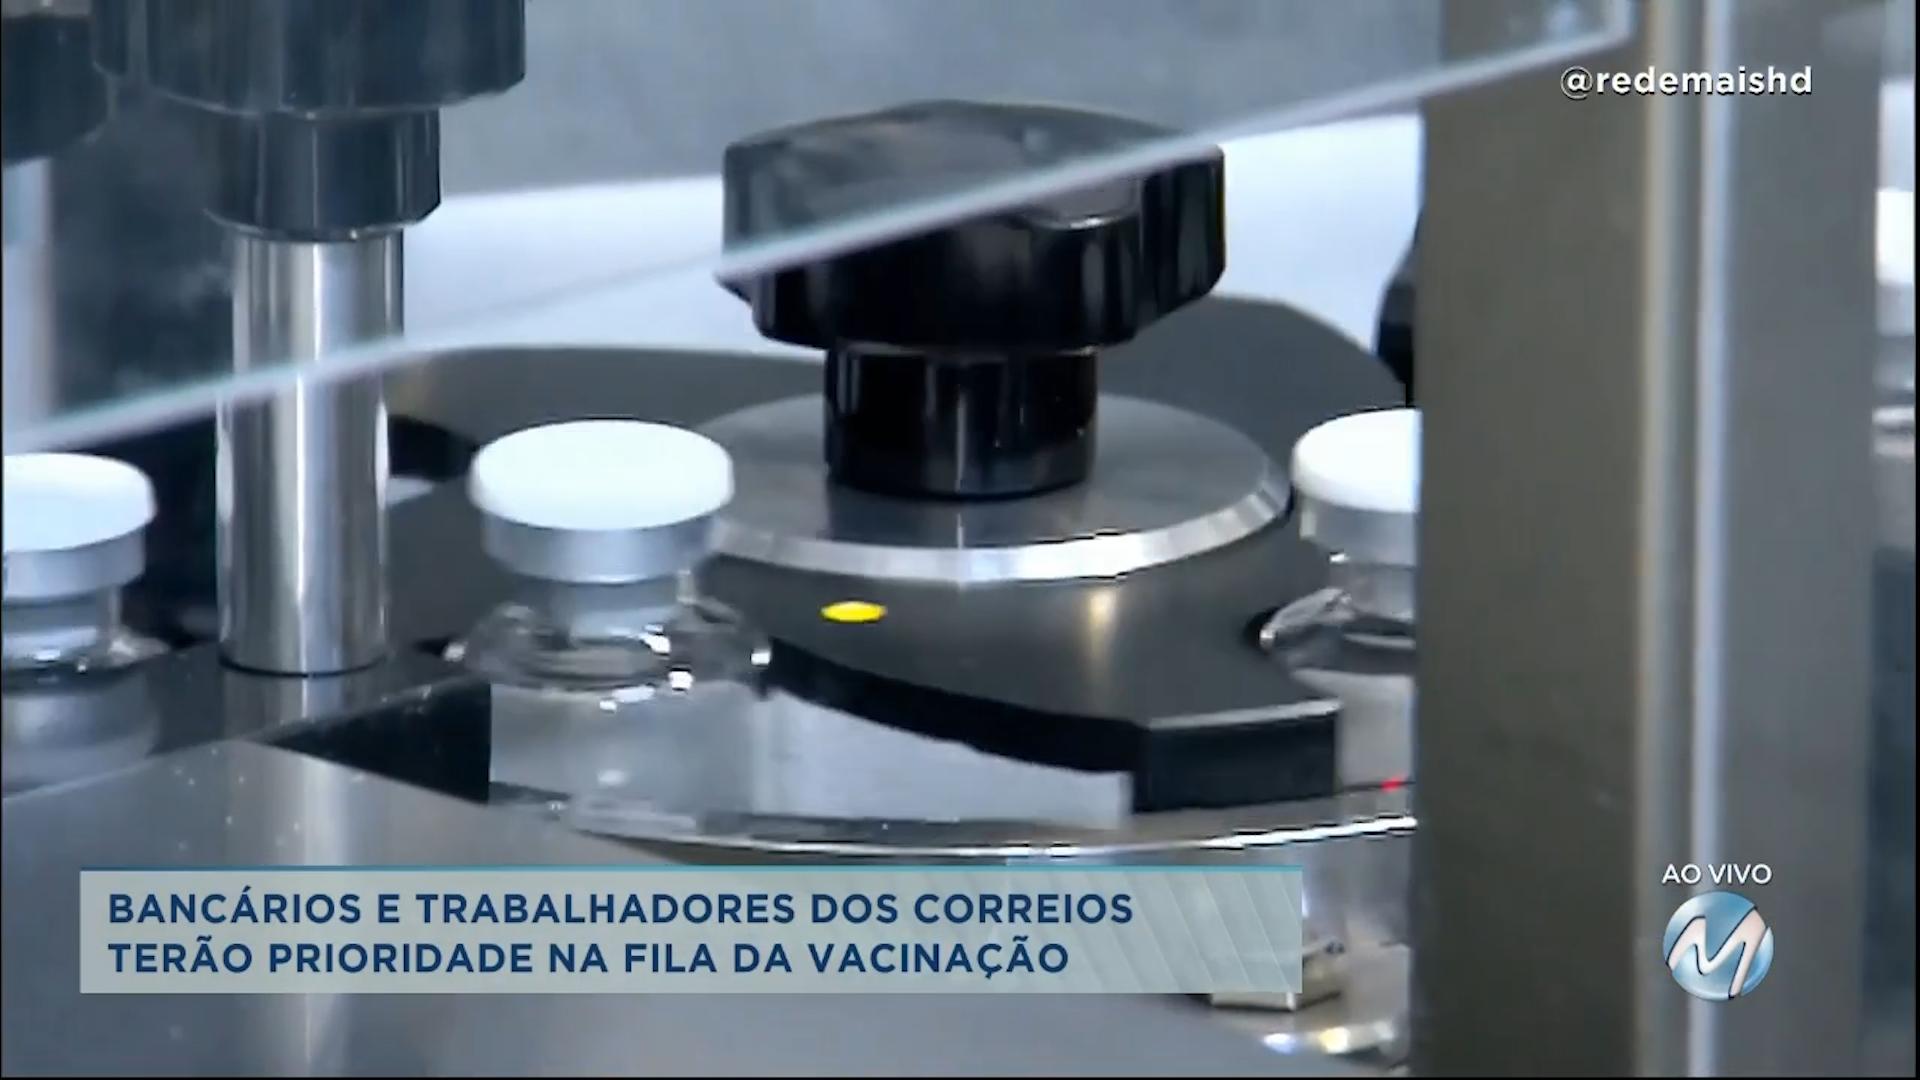 Vacina contra Covid-19: governo aprova pedido de bancários e trabalhadores dos Correios